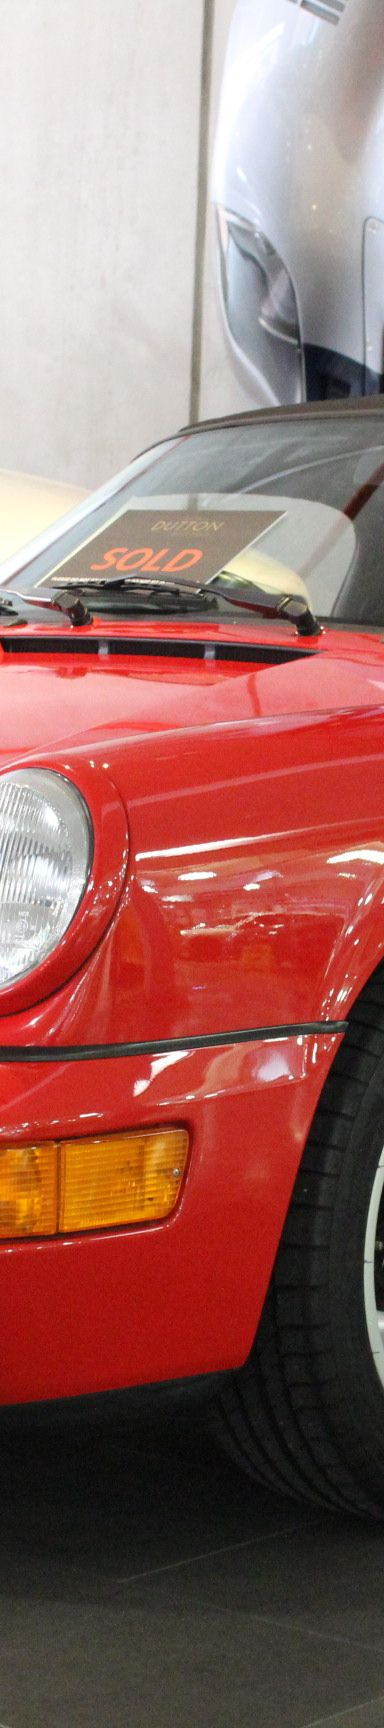 1993 Porsche 964  Speedster - sold by Dutton Garage